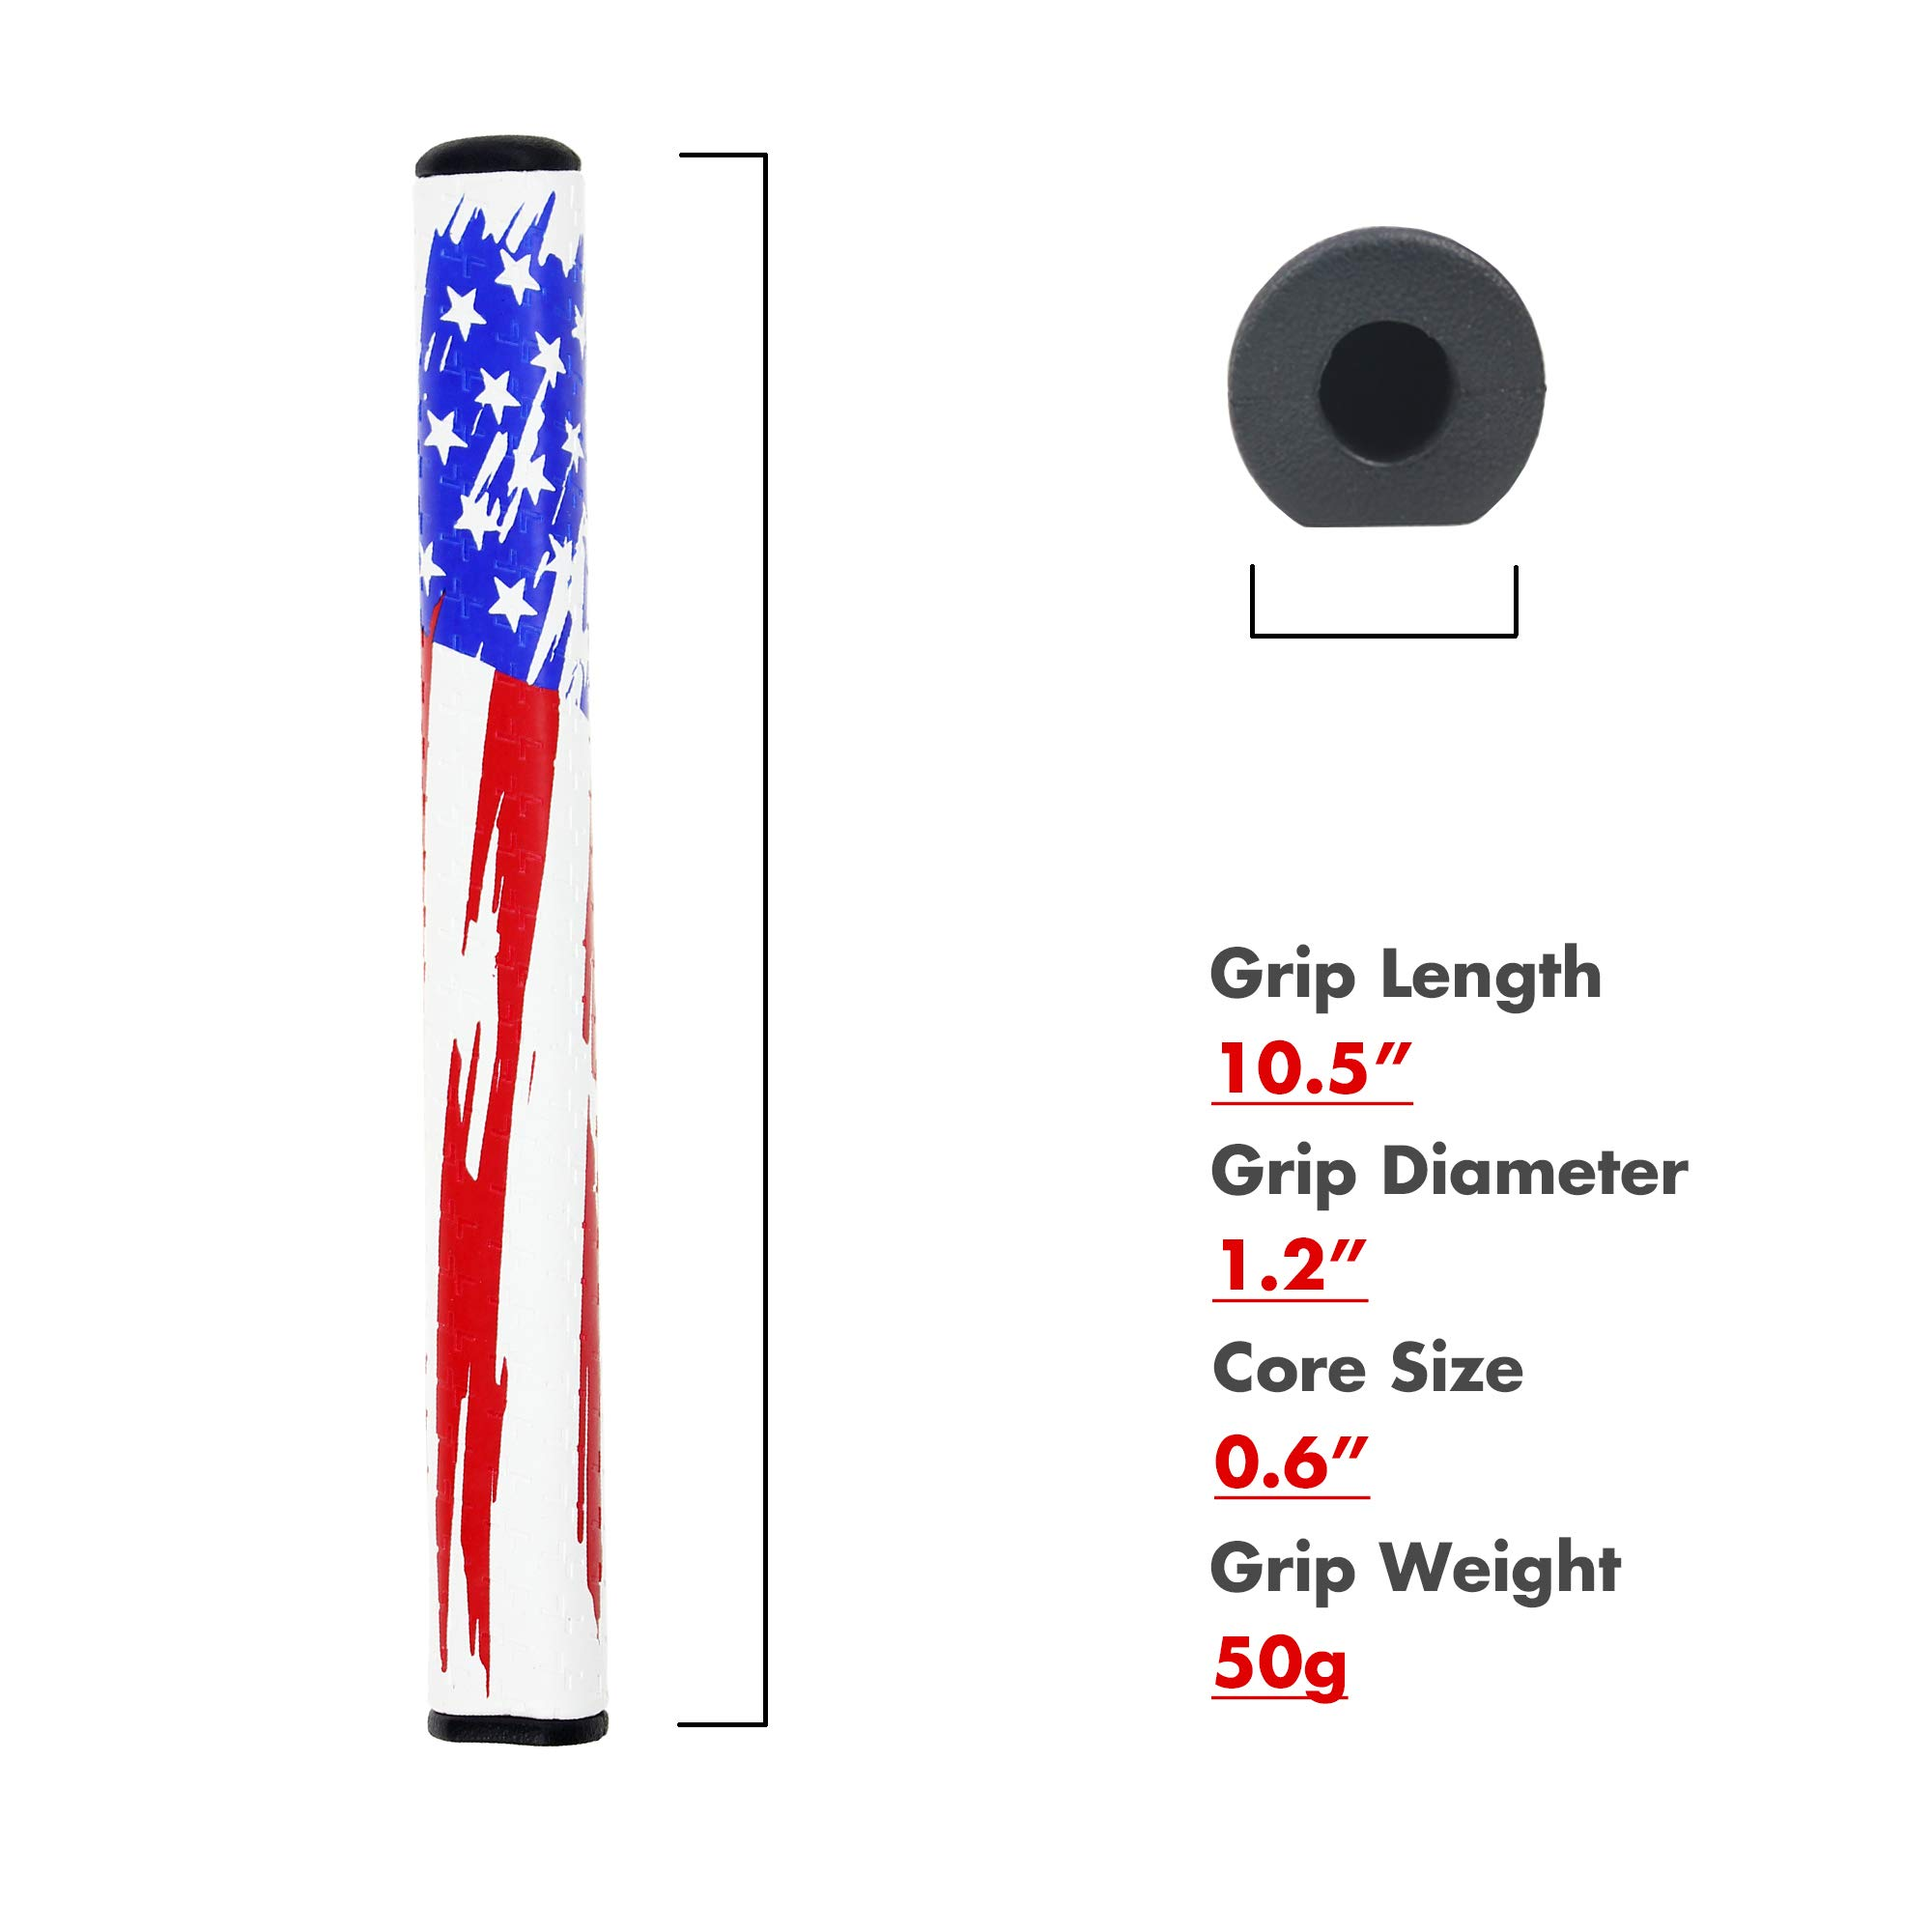 SAPLIZE Golf Putter Grip, M.A.G.A. Series(RDST01), Standard Size by SAPLIZE (Image #5)